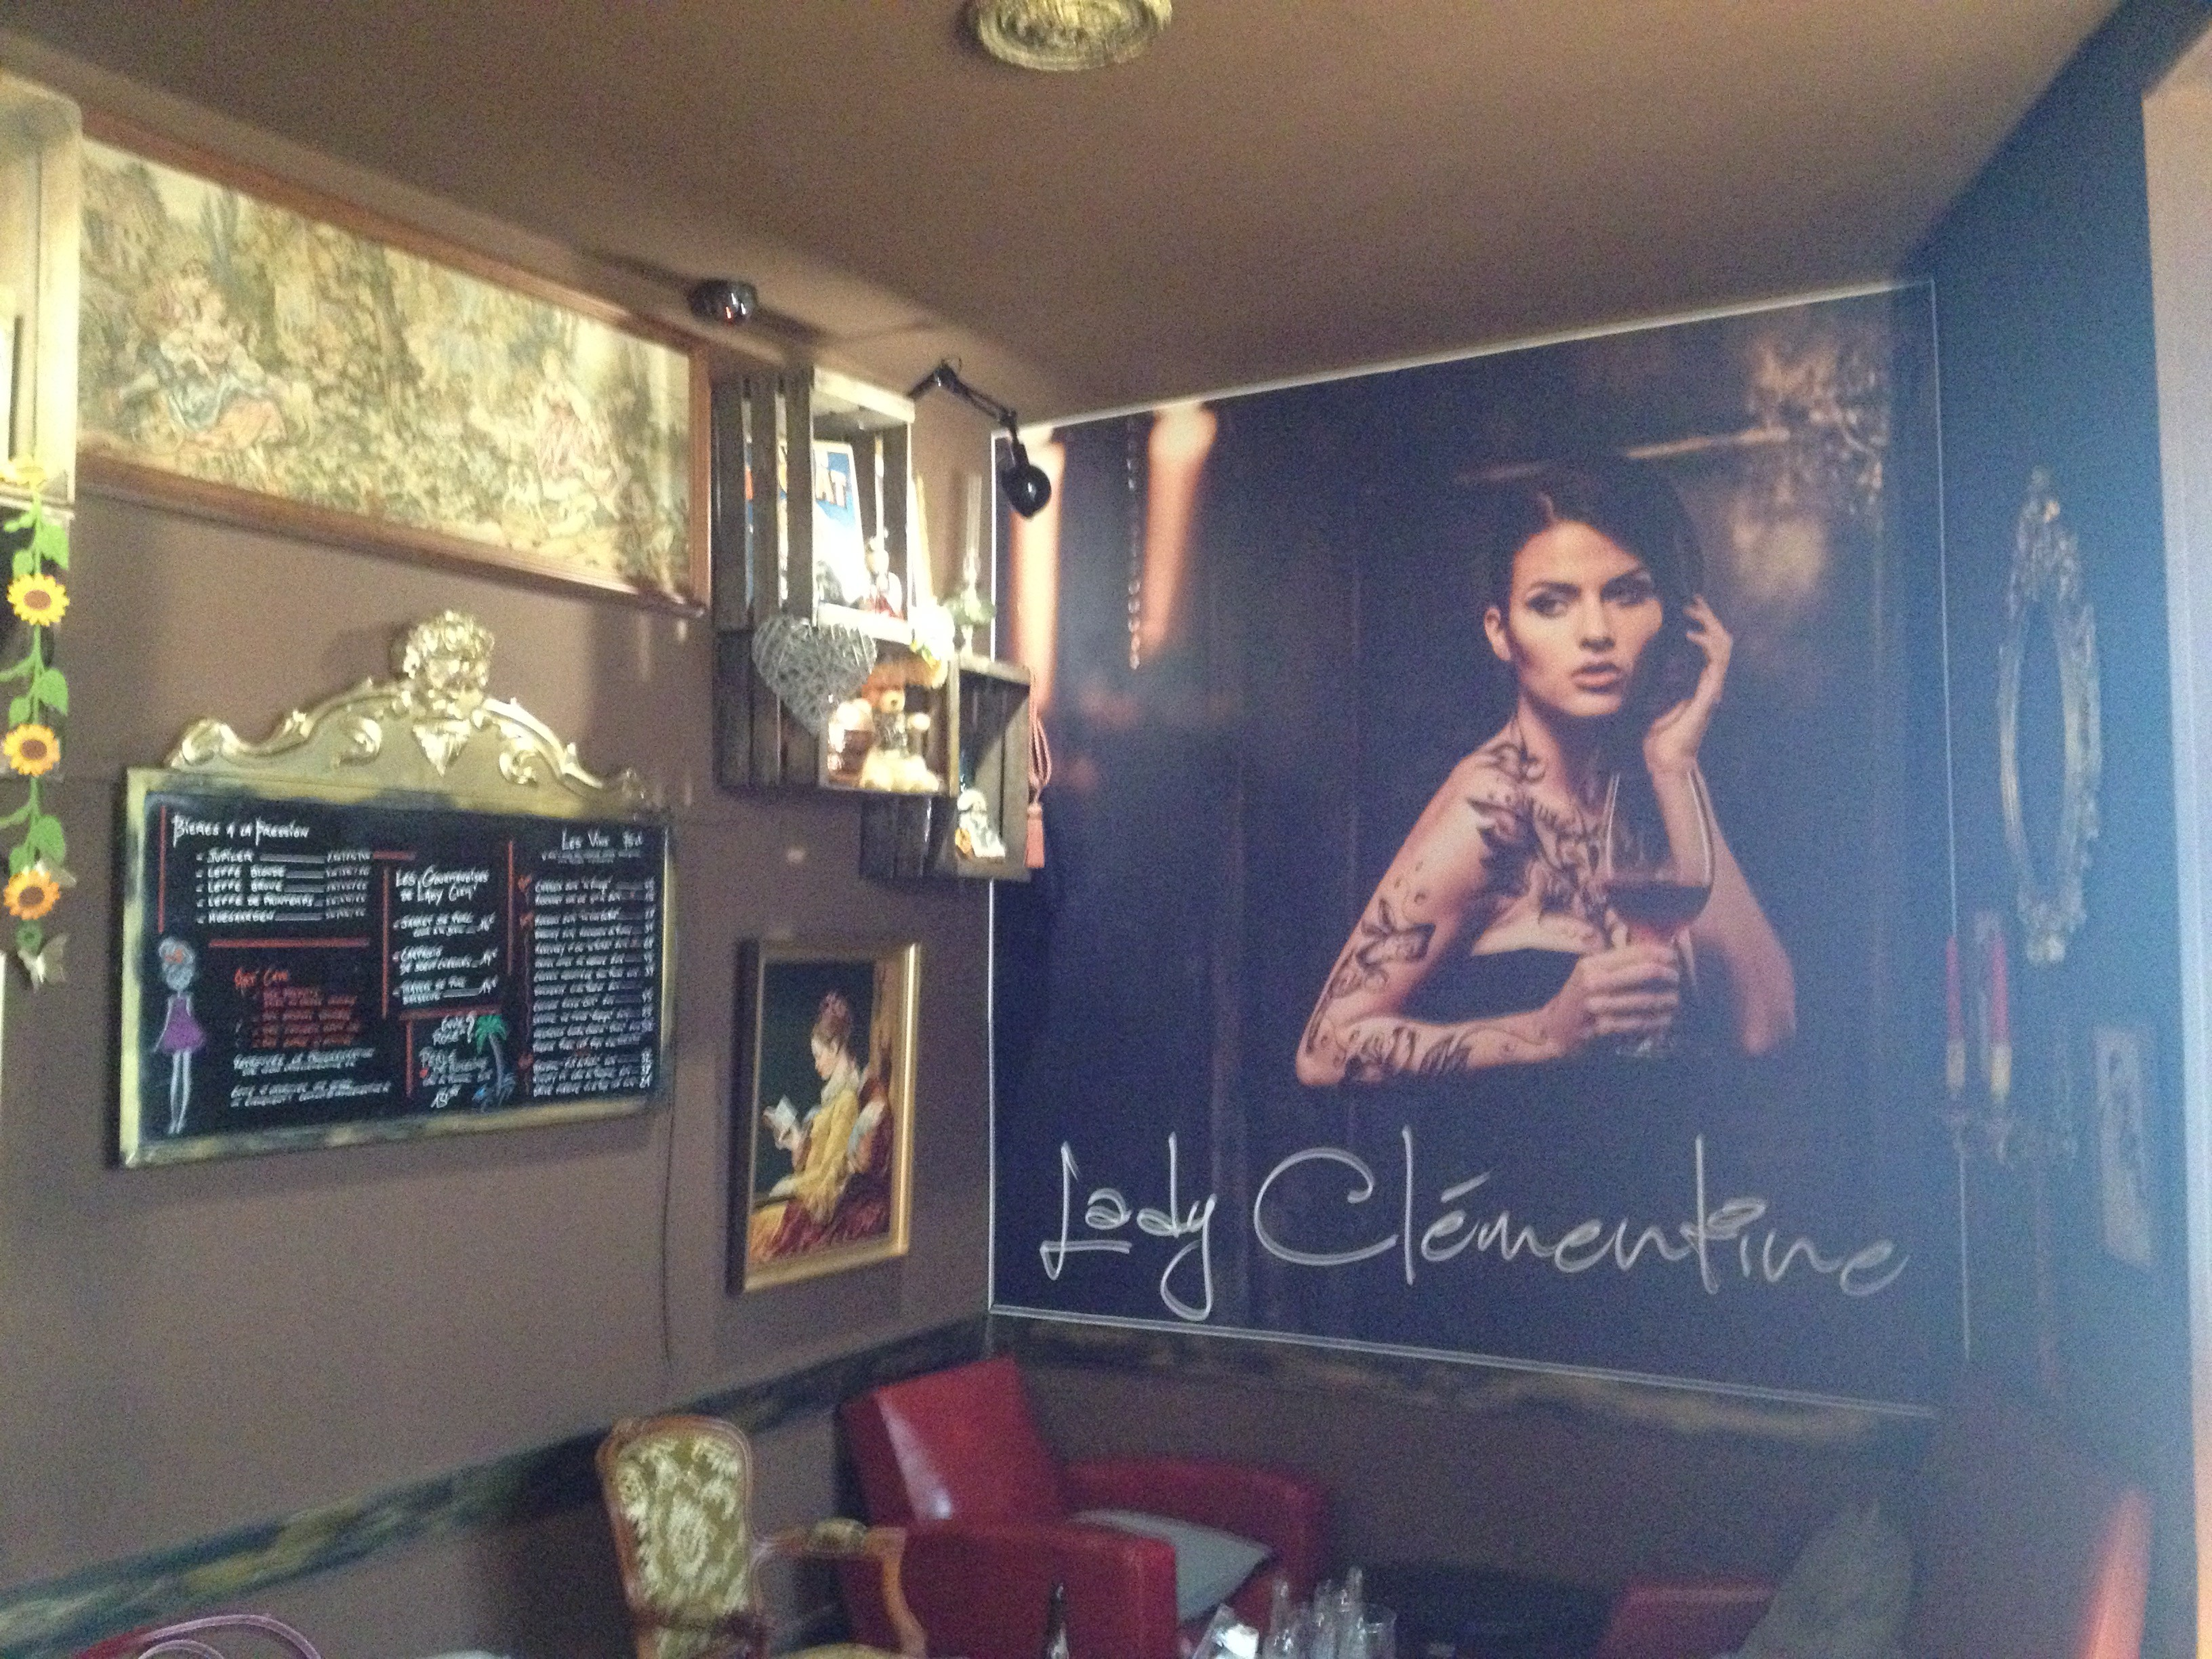 Lady Clémentine